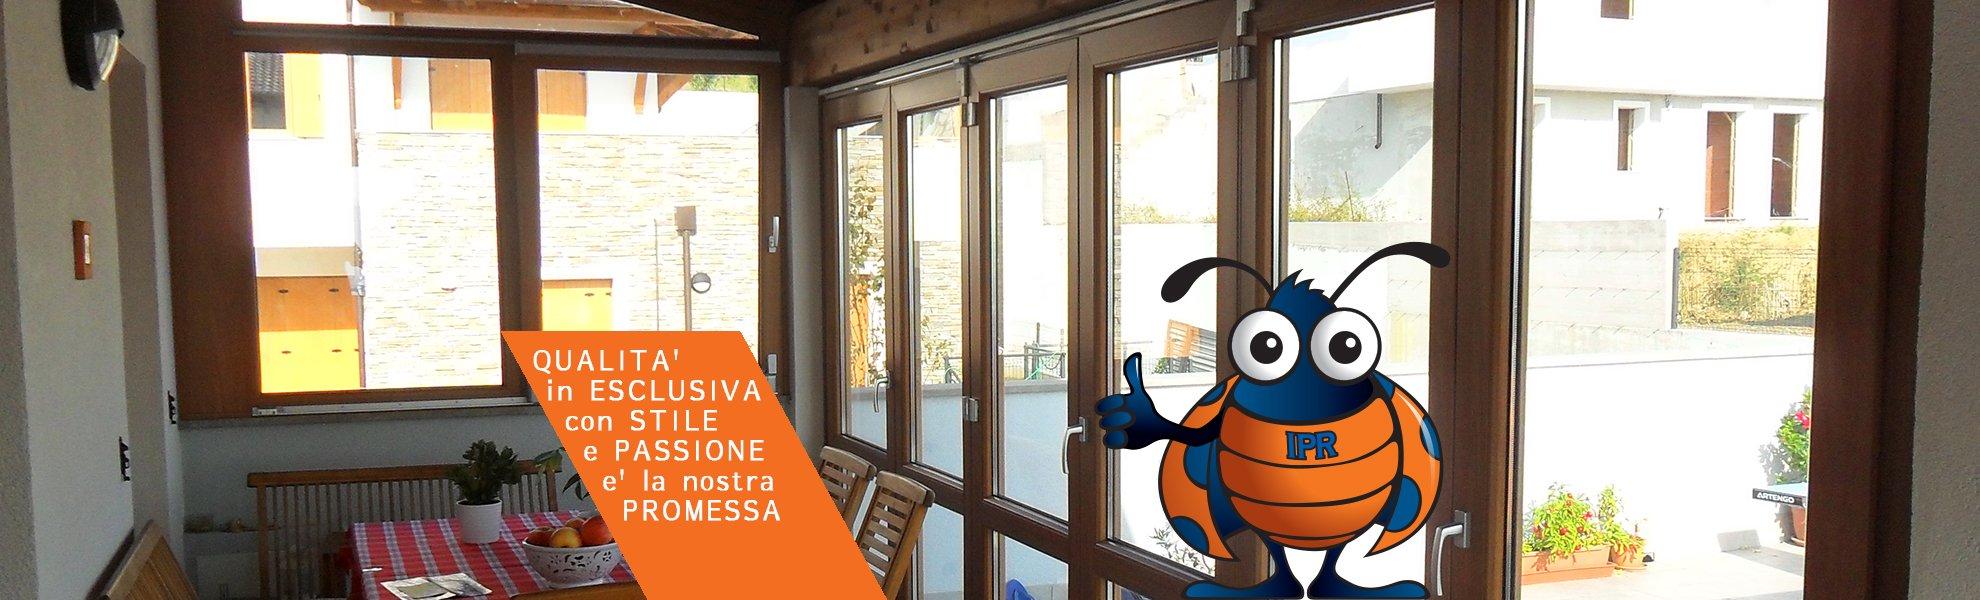 vista laterale di porte interni in vetro con titolo diapositiva